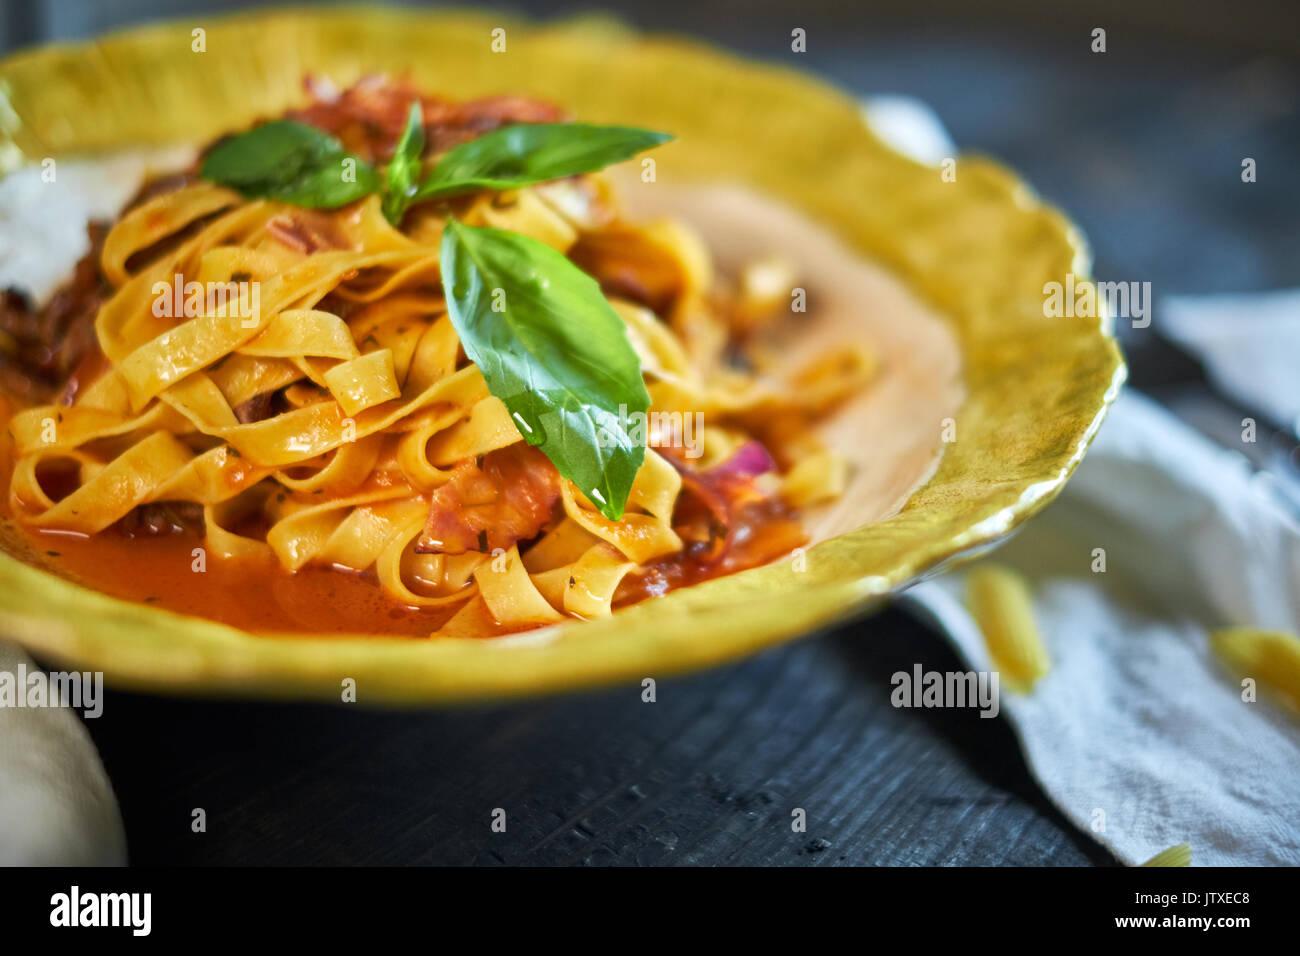 L'Italien pâtes penne aux tomates et pesto dans un restaurant jpg Photo Stock